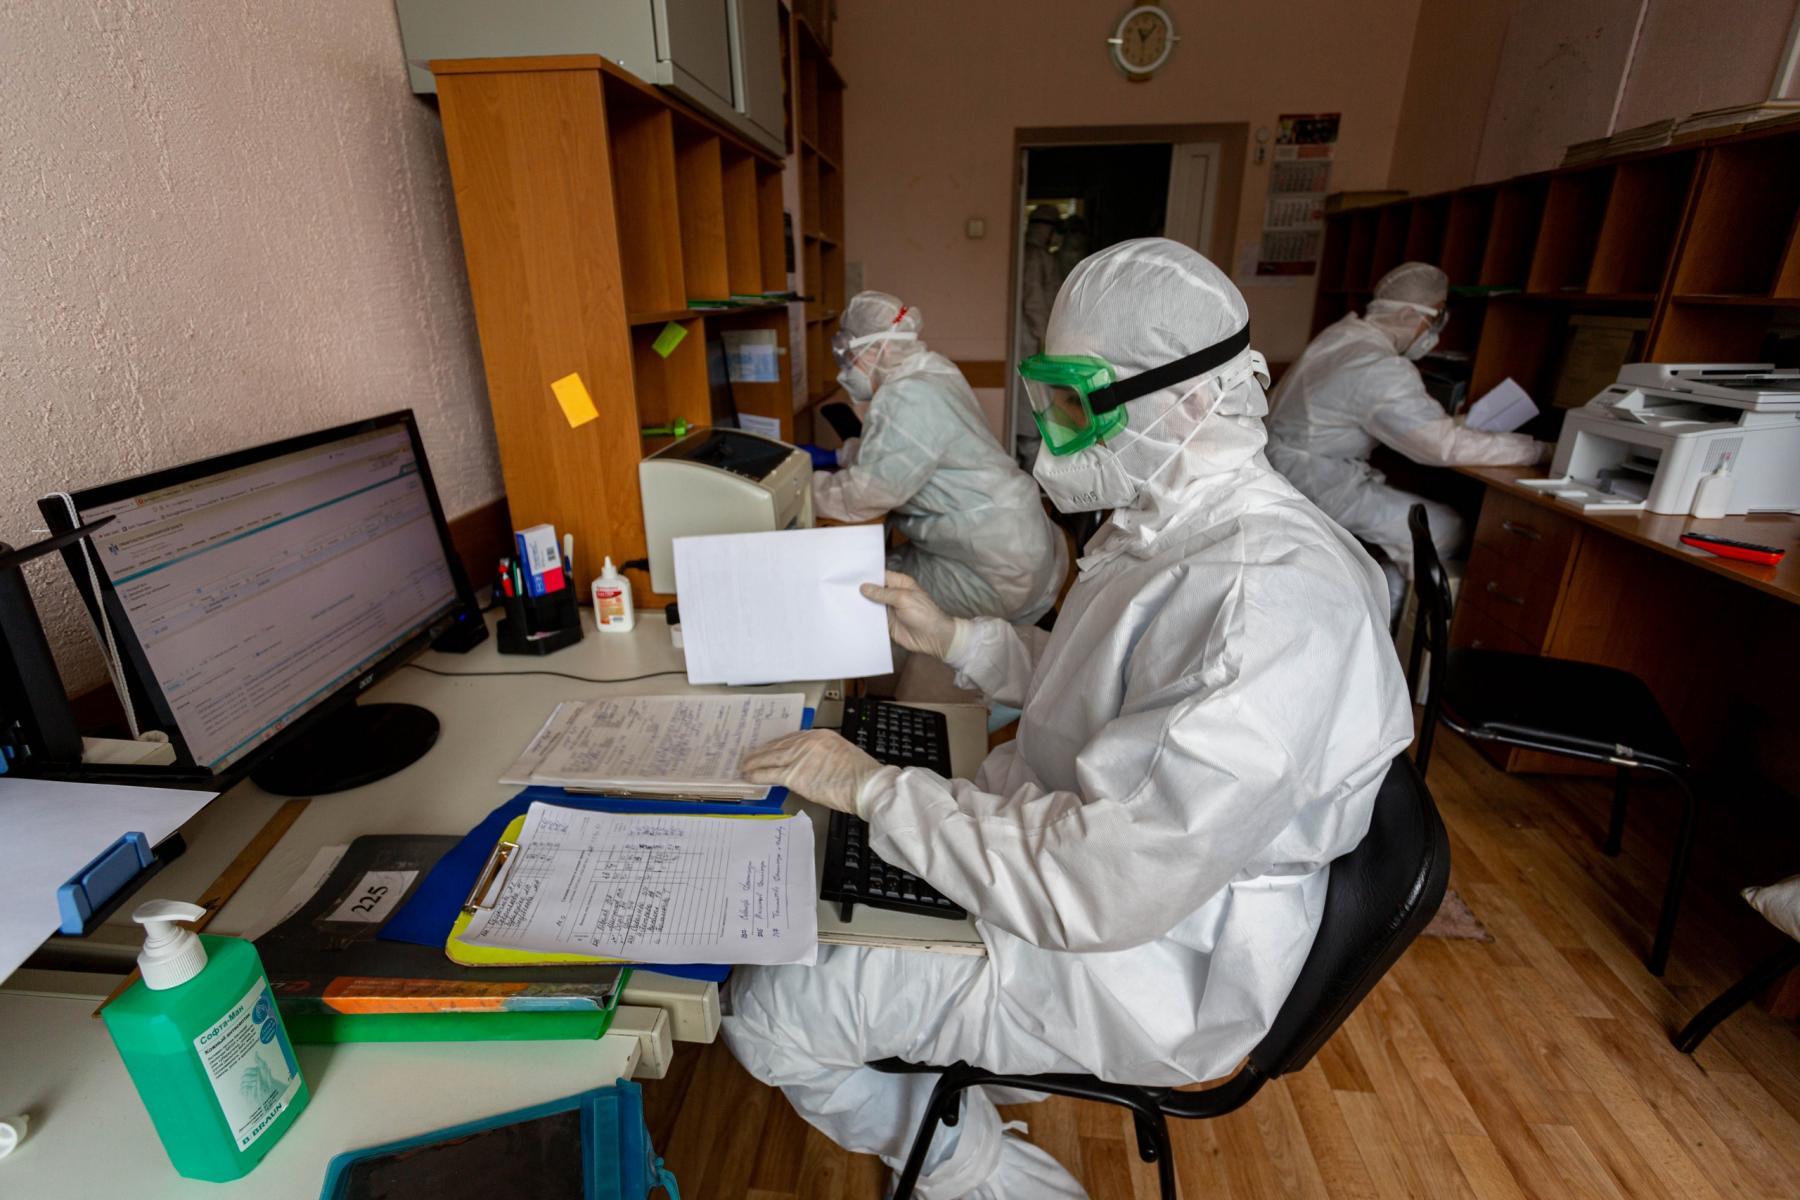 Фото «Пациенты лежат на животе по 14-16 часов в сутки»: врачи провели экскурсию по коронавирусному госпиталю Новосибирска 4